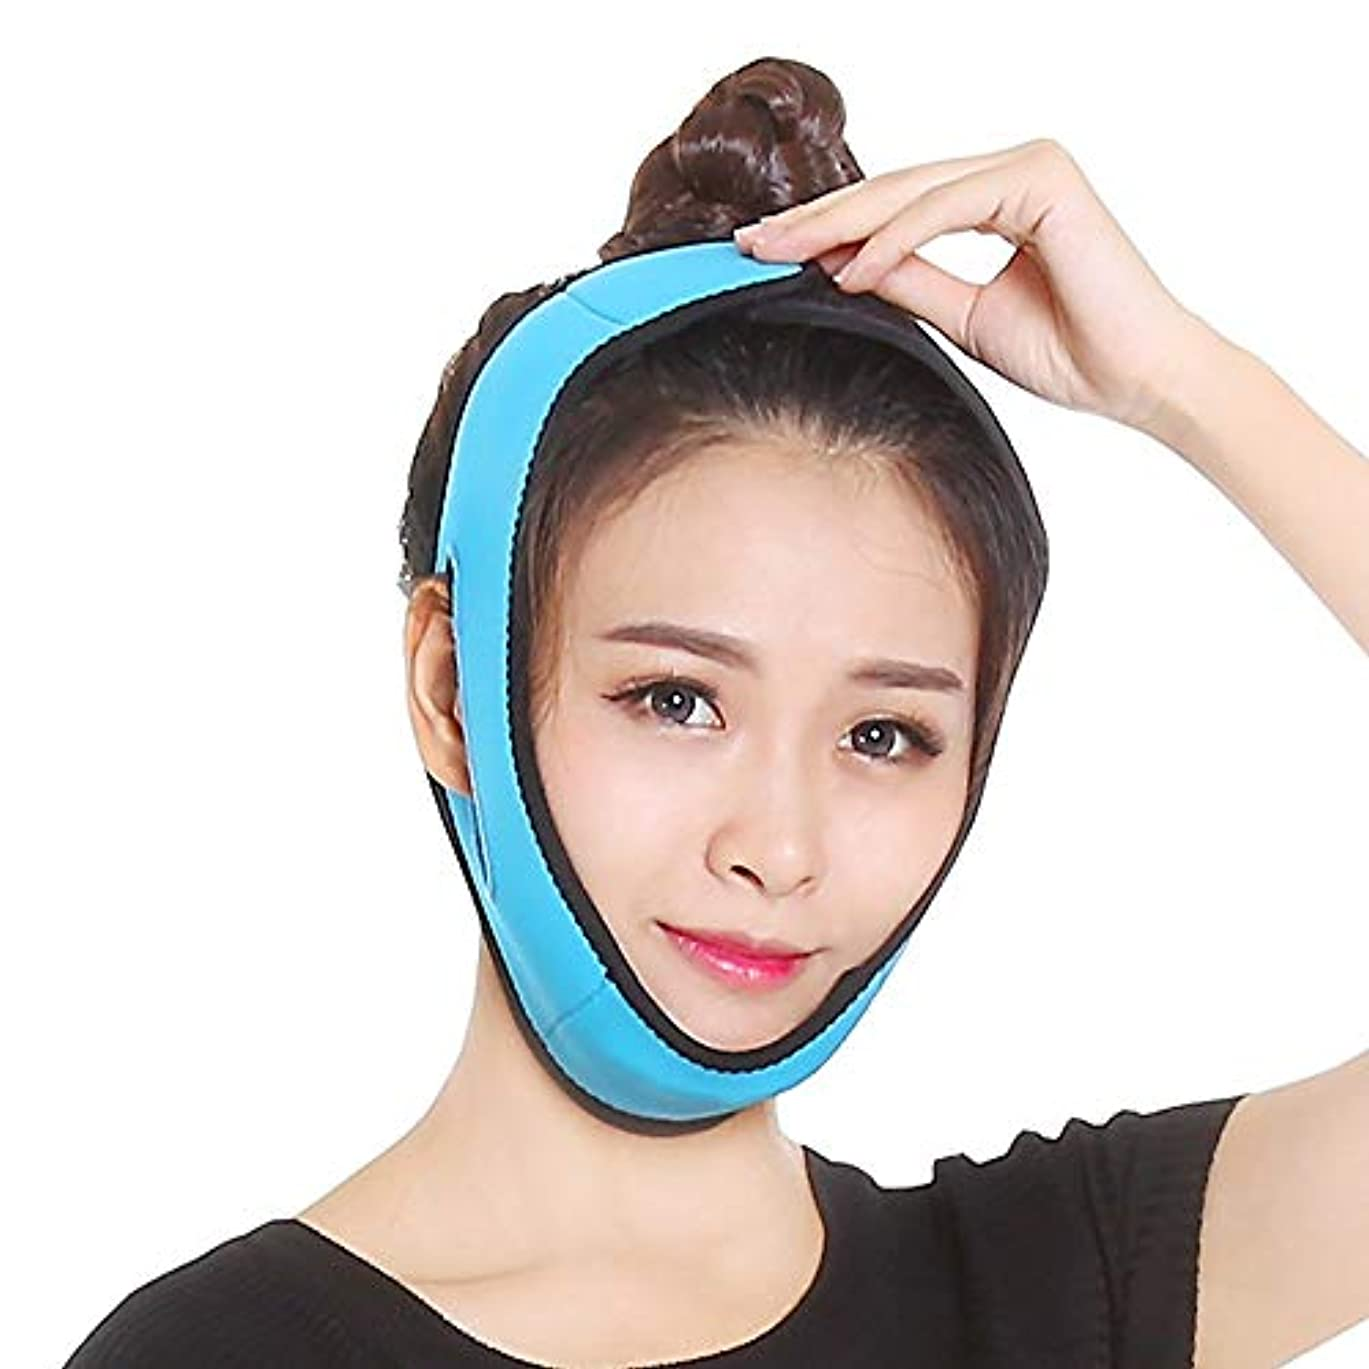 年早く固有のフェイシャルリフティングスリミングベルト - 薄いフェイス包帯二重あごデバイス無料フェイシャルマッサージ整形マスクを引き締める顔と首の顔スリム